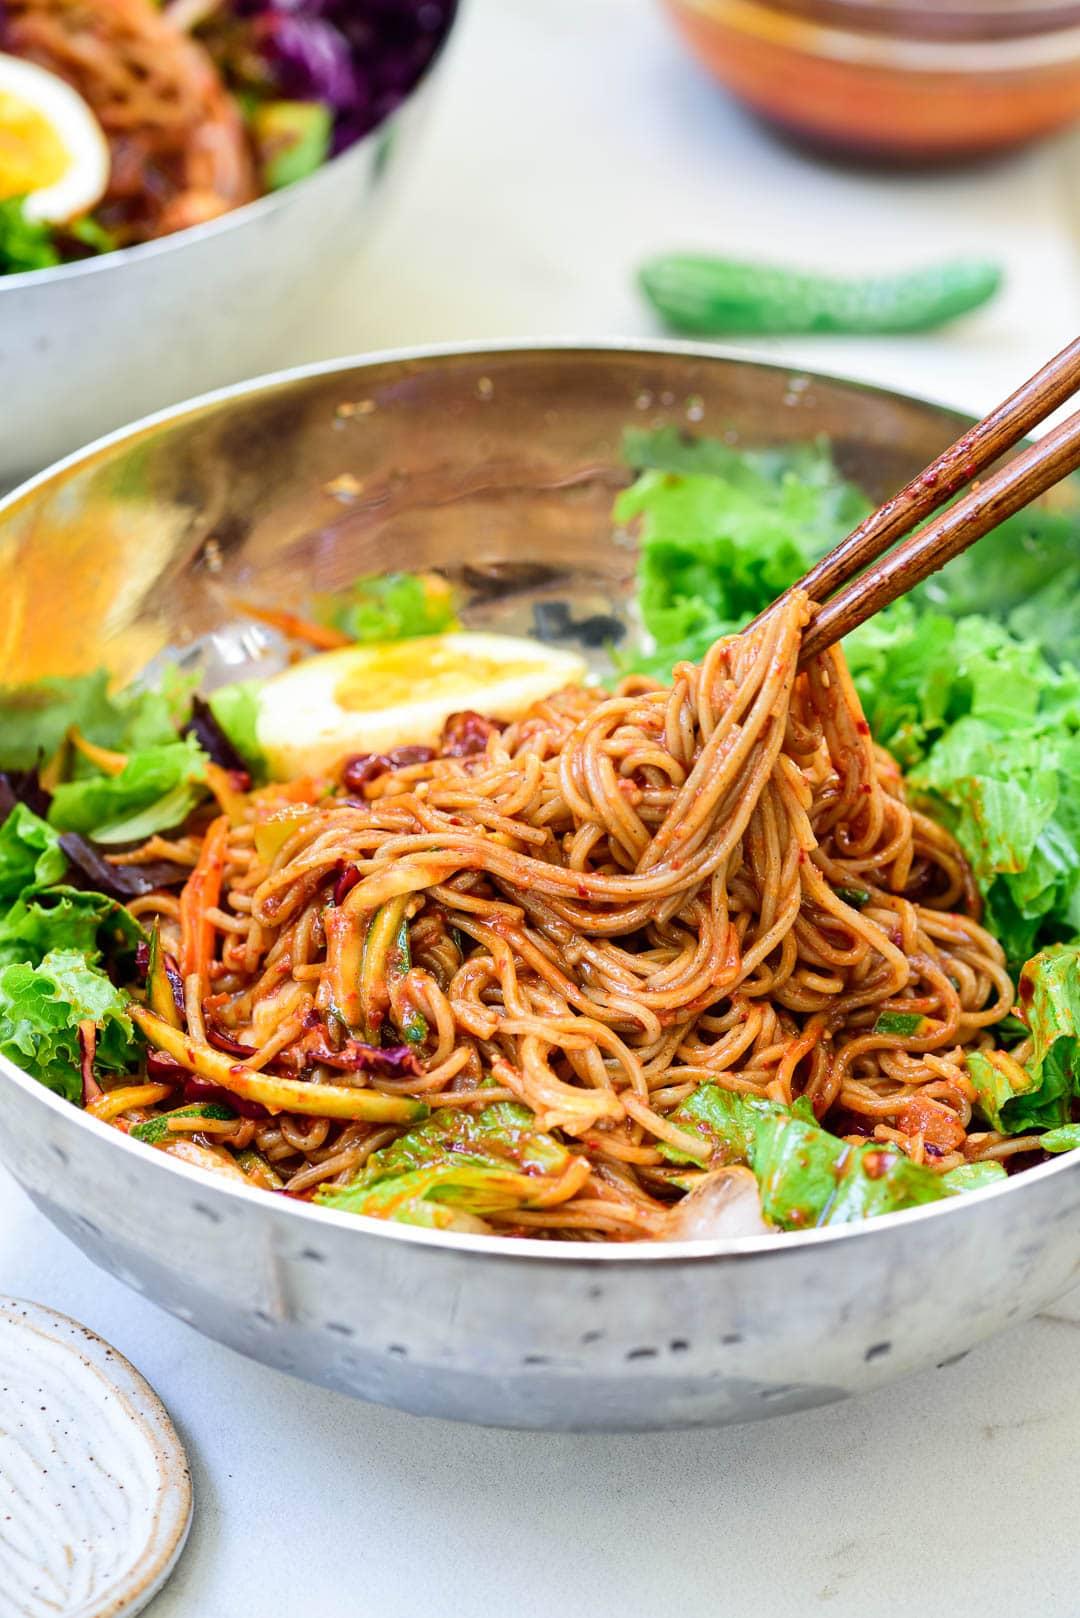 DSC9473 01 2 - Bibim Guksu (Spicy Cold Noodles)